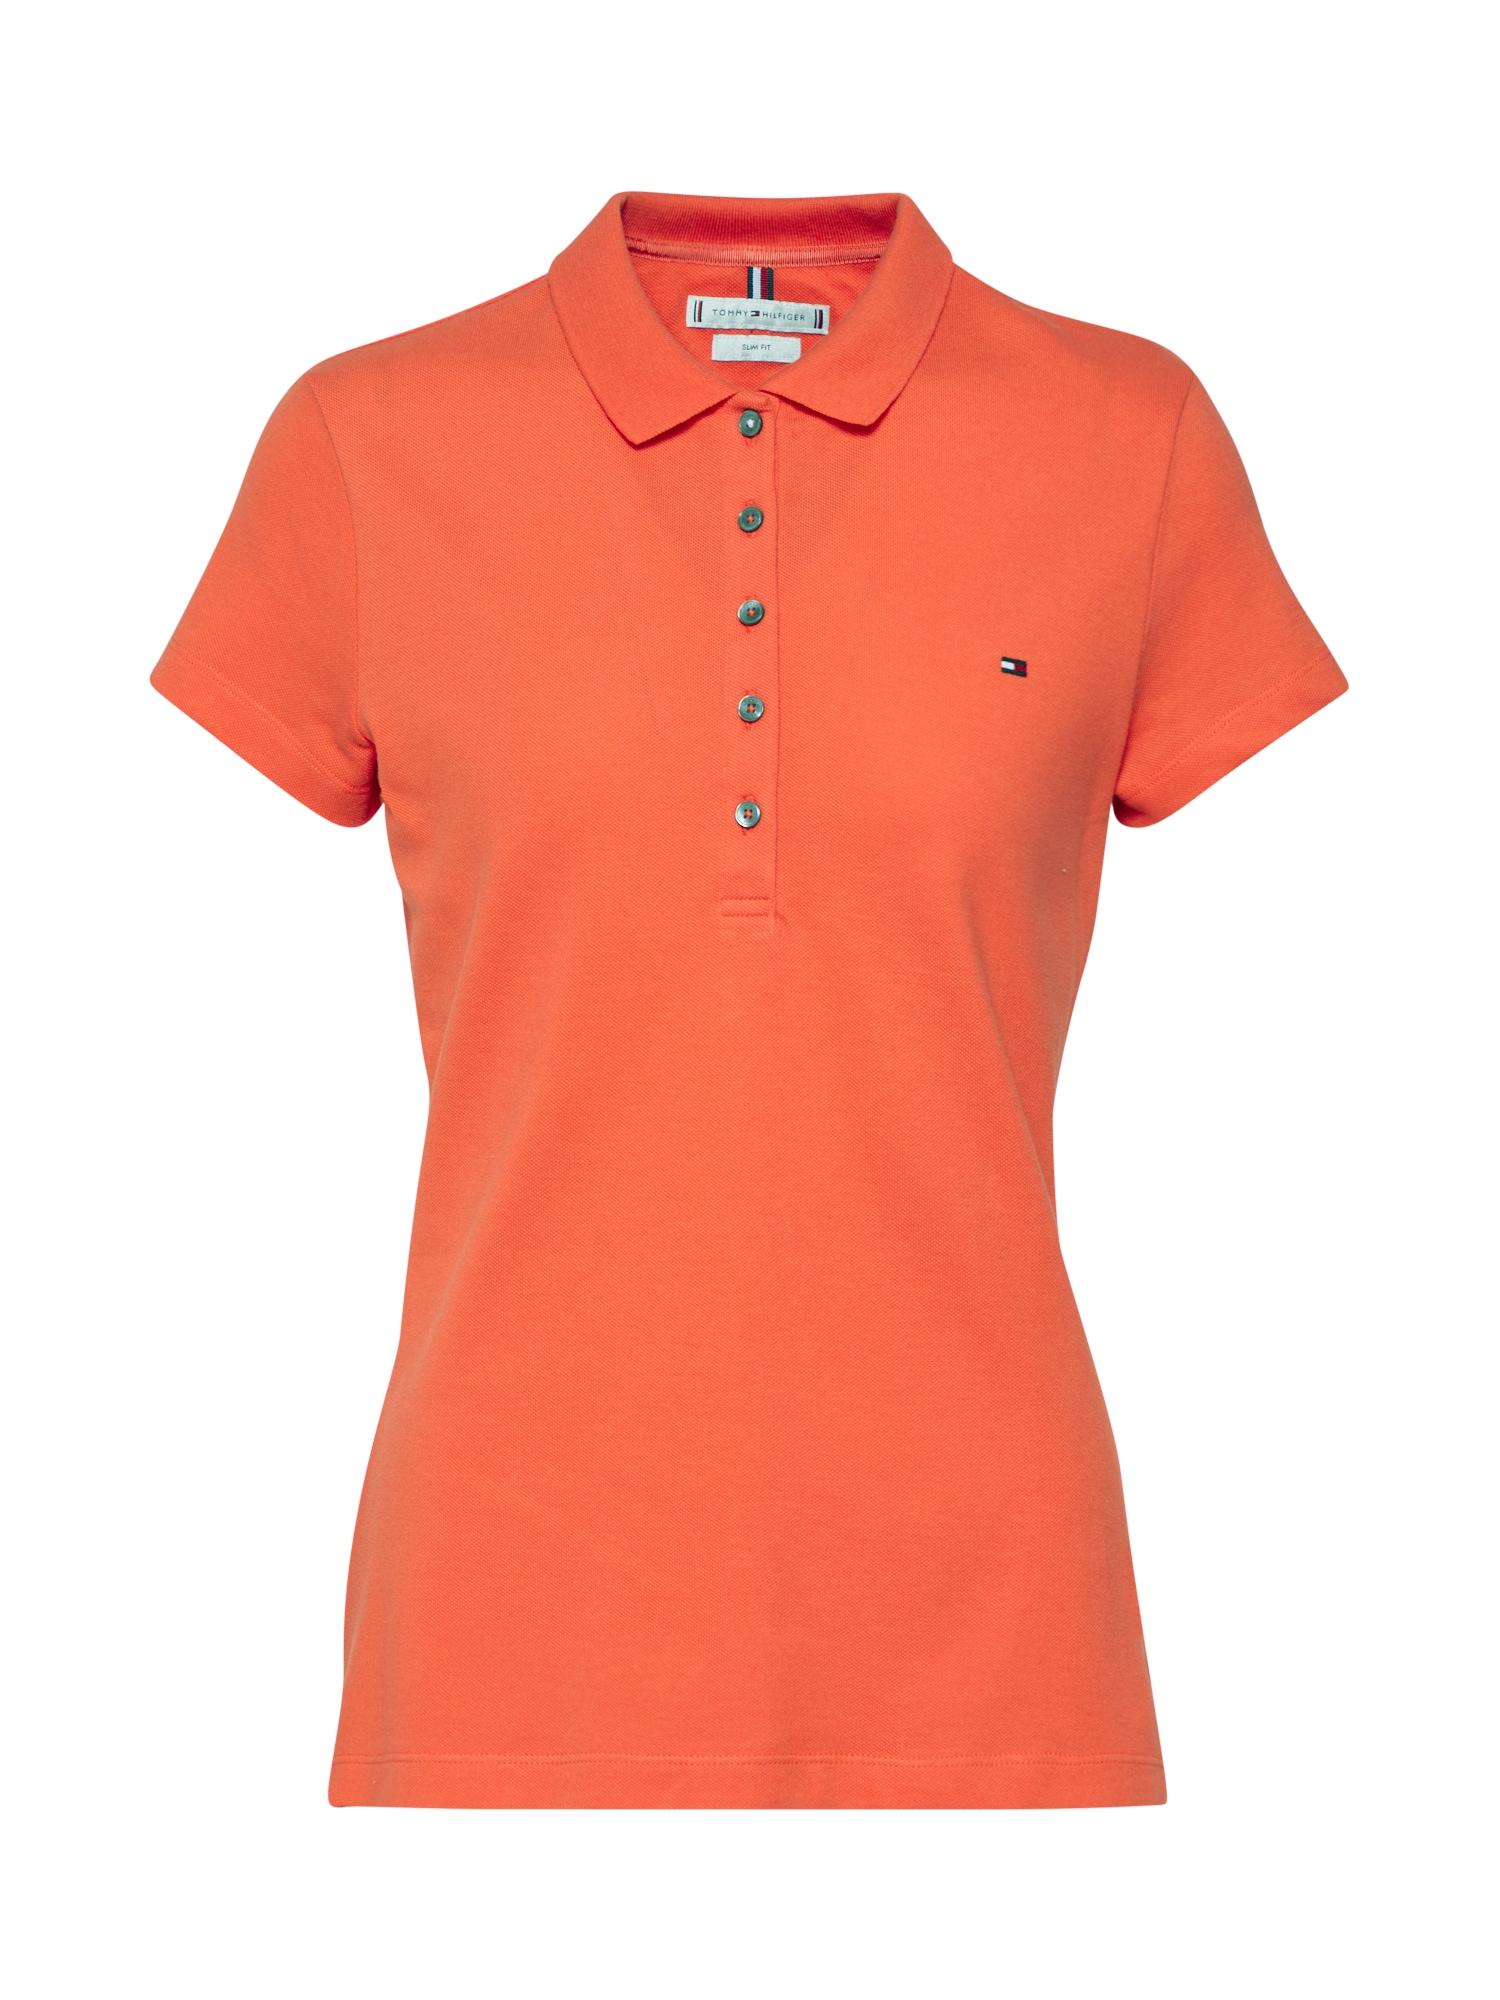 TOMMY HILFIGER Marškinėliai oranžinė